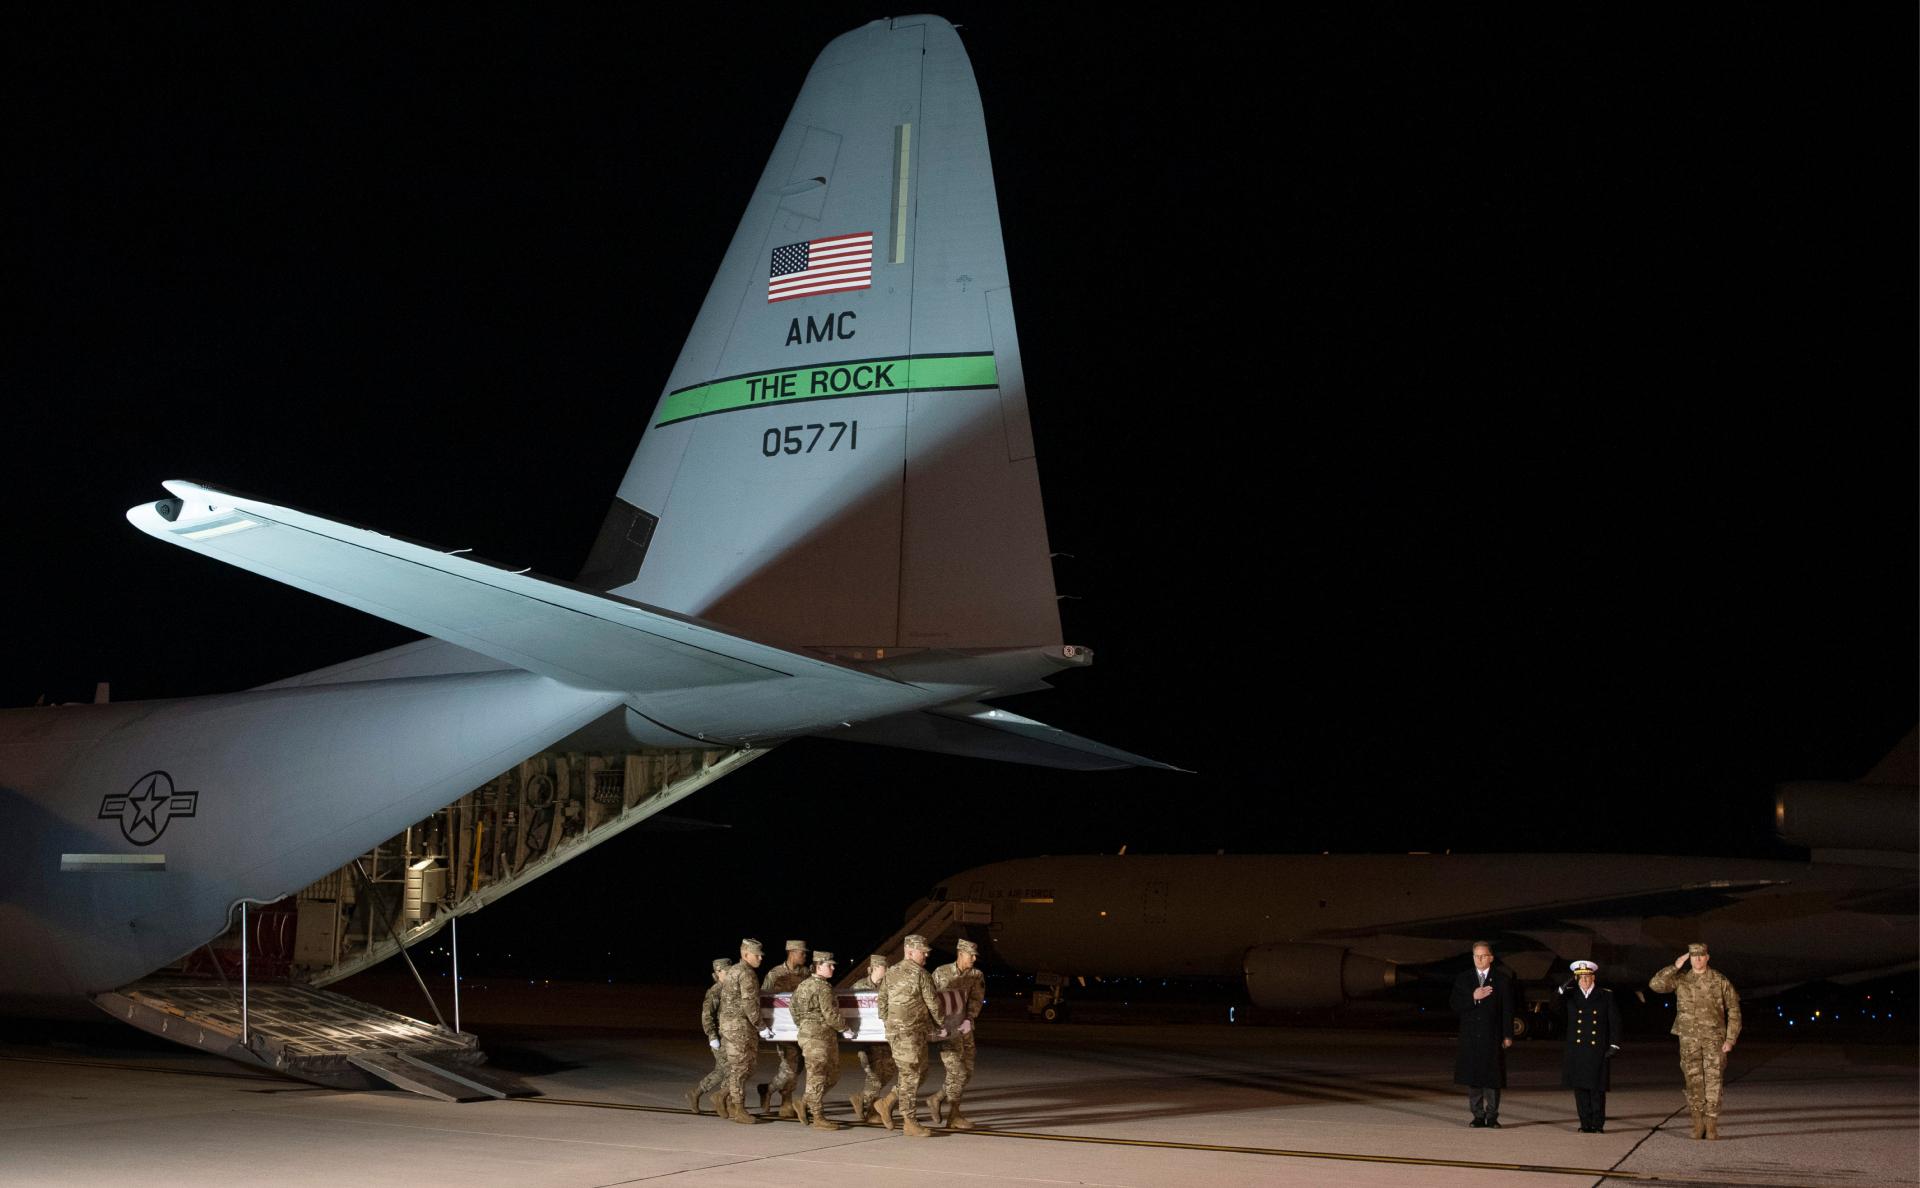 Служащие ВВС транспортируют останки одного из погибших во время стрельбы на авиабазе в Пенсаколе